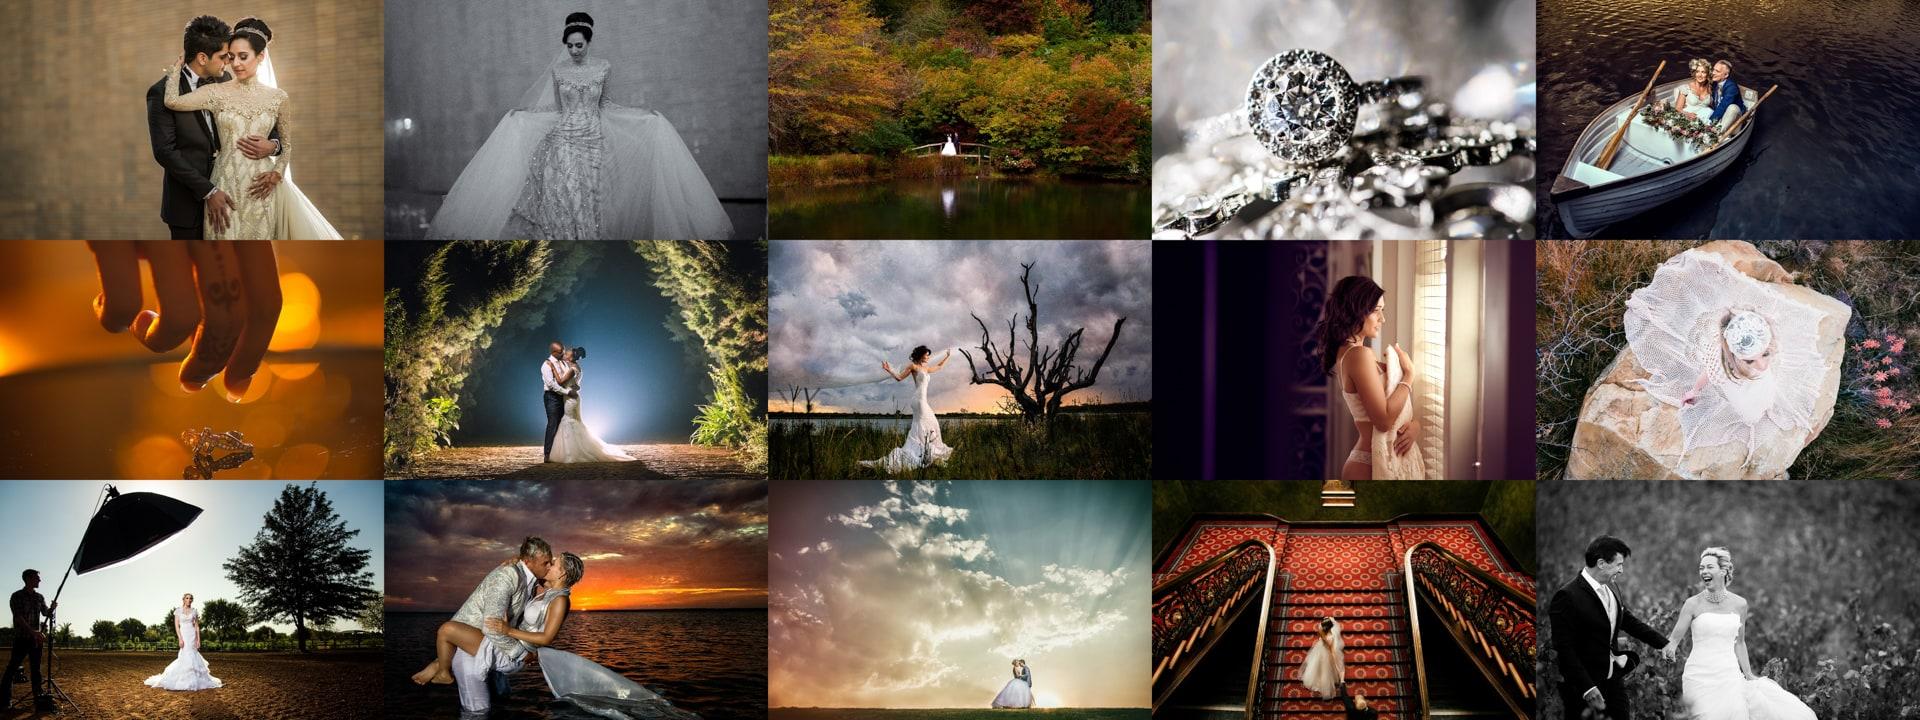 wedding photography course, top wedding photographers, trompie van der berg, warren james, wedding photography, wedding photos, digital photography courses